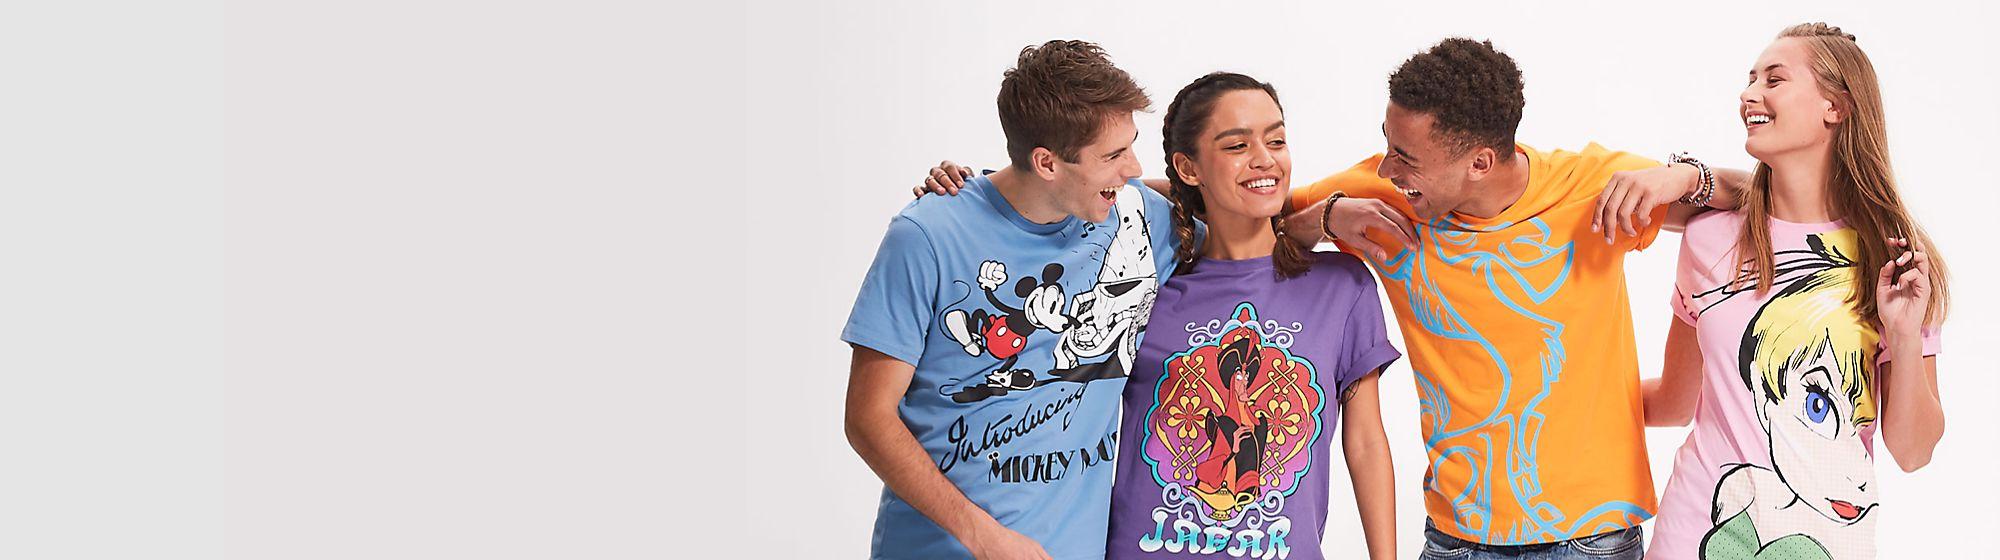 Disney per gli adulti Chiamata per tutti i bambini cresciti! Trova i migliori vestiti, articoli per la casa, oggetti da collezione e accessori nella nostra selezione. SCOPRI DI PIÙ